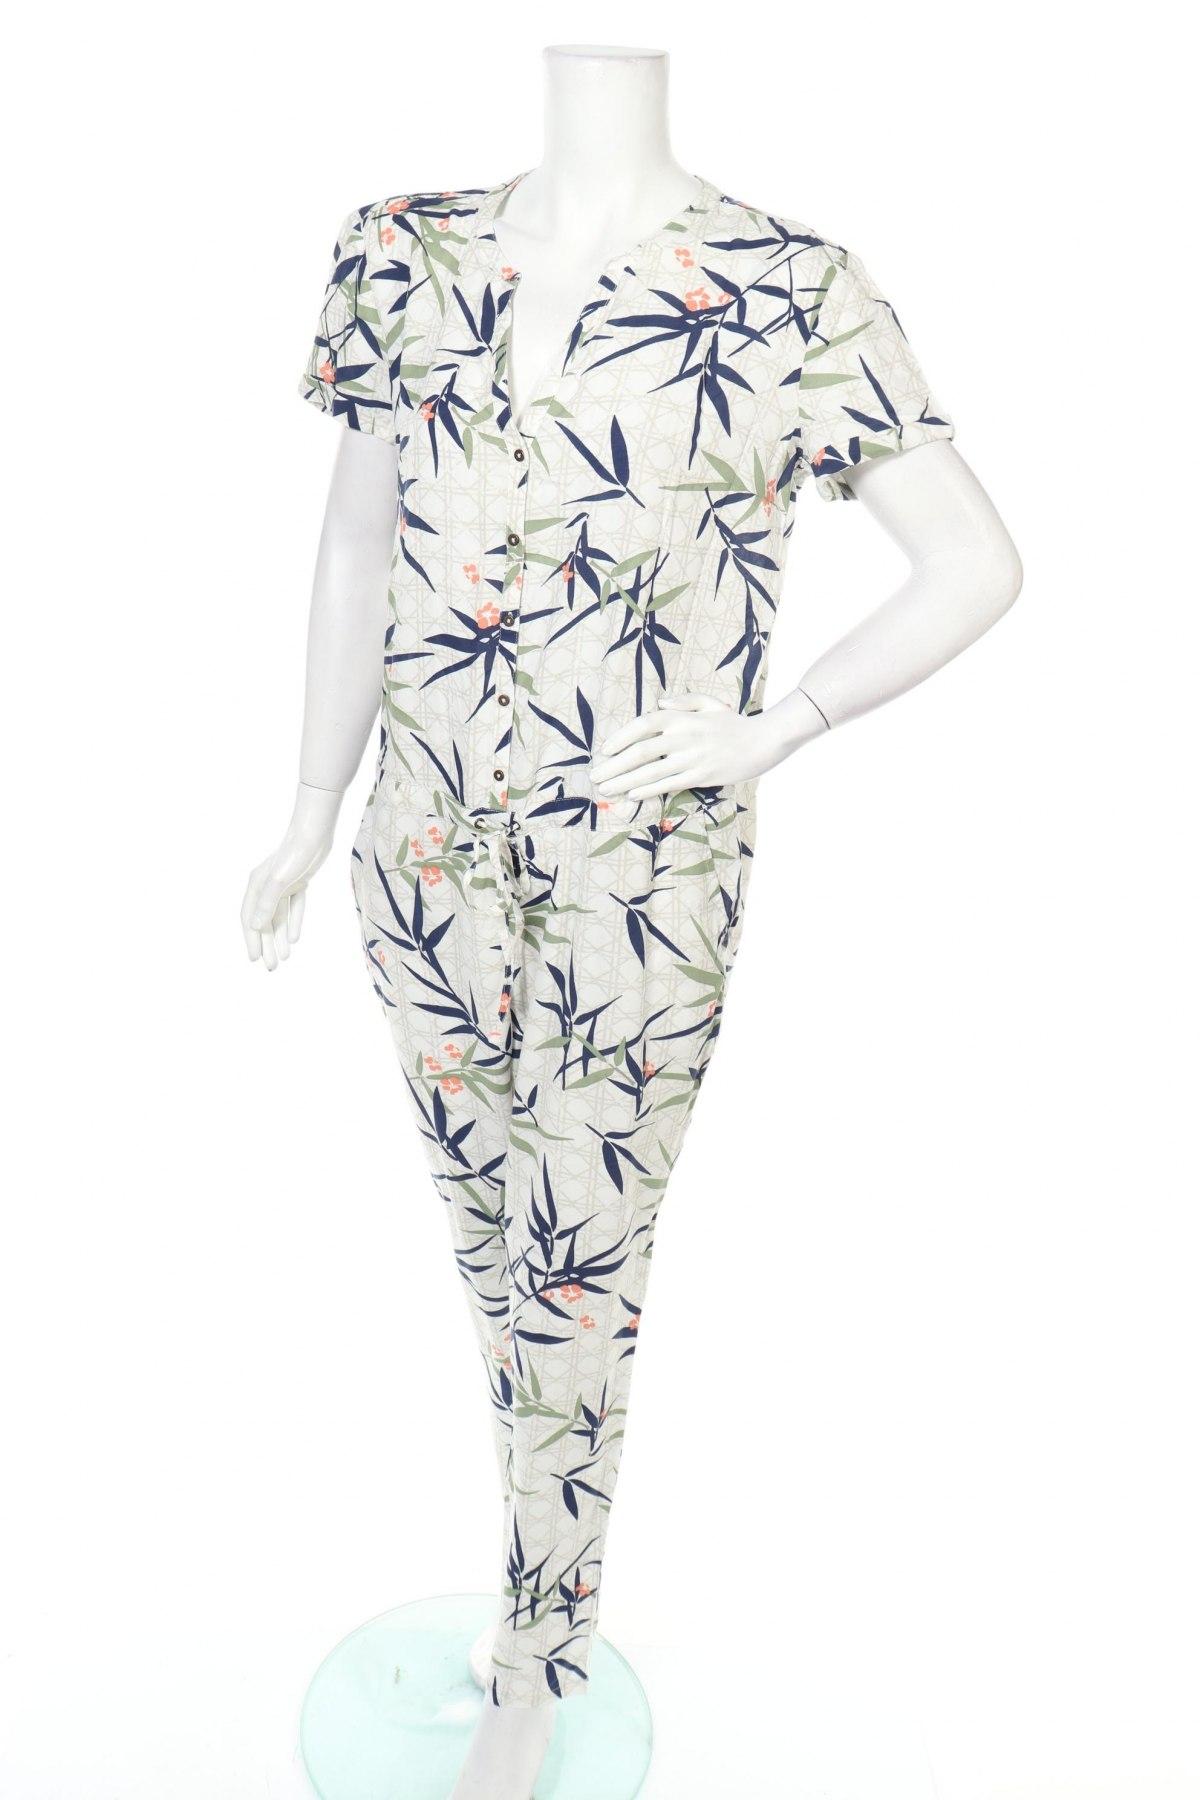 Γυναικεία σαλοπέτα Tom Tailor, Μέγεθος M, Χρώμα Πολύχρωμο, Βισκόζη, Τιμή 18,32€